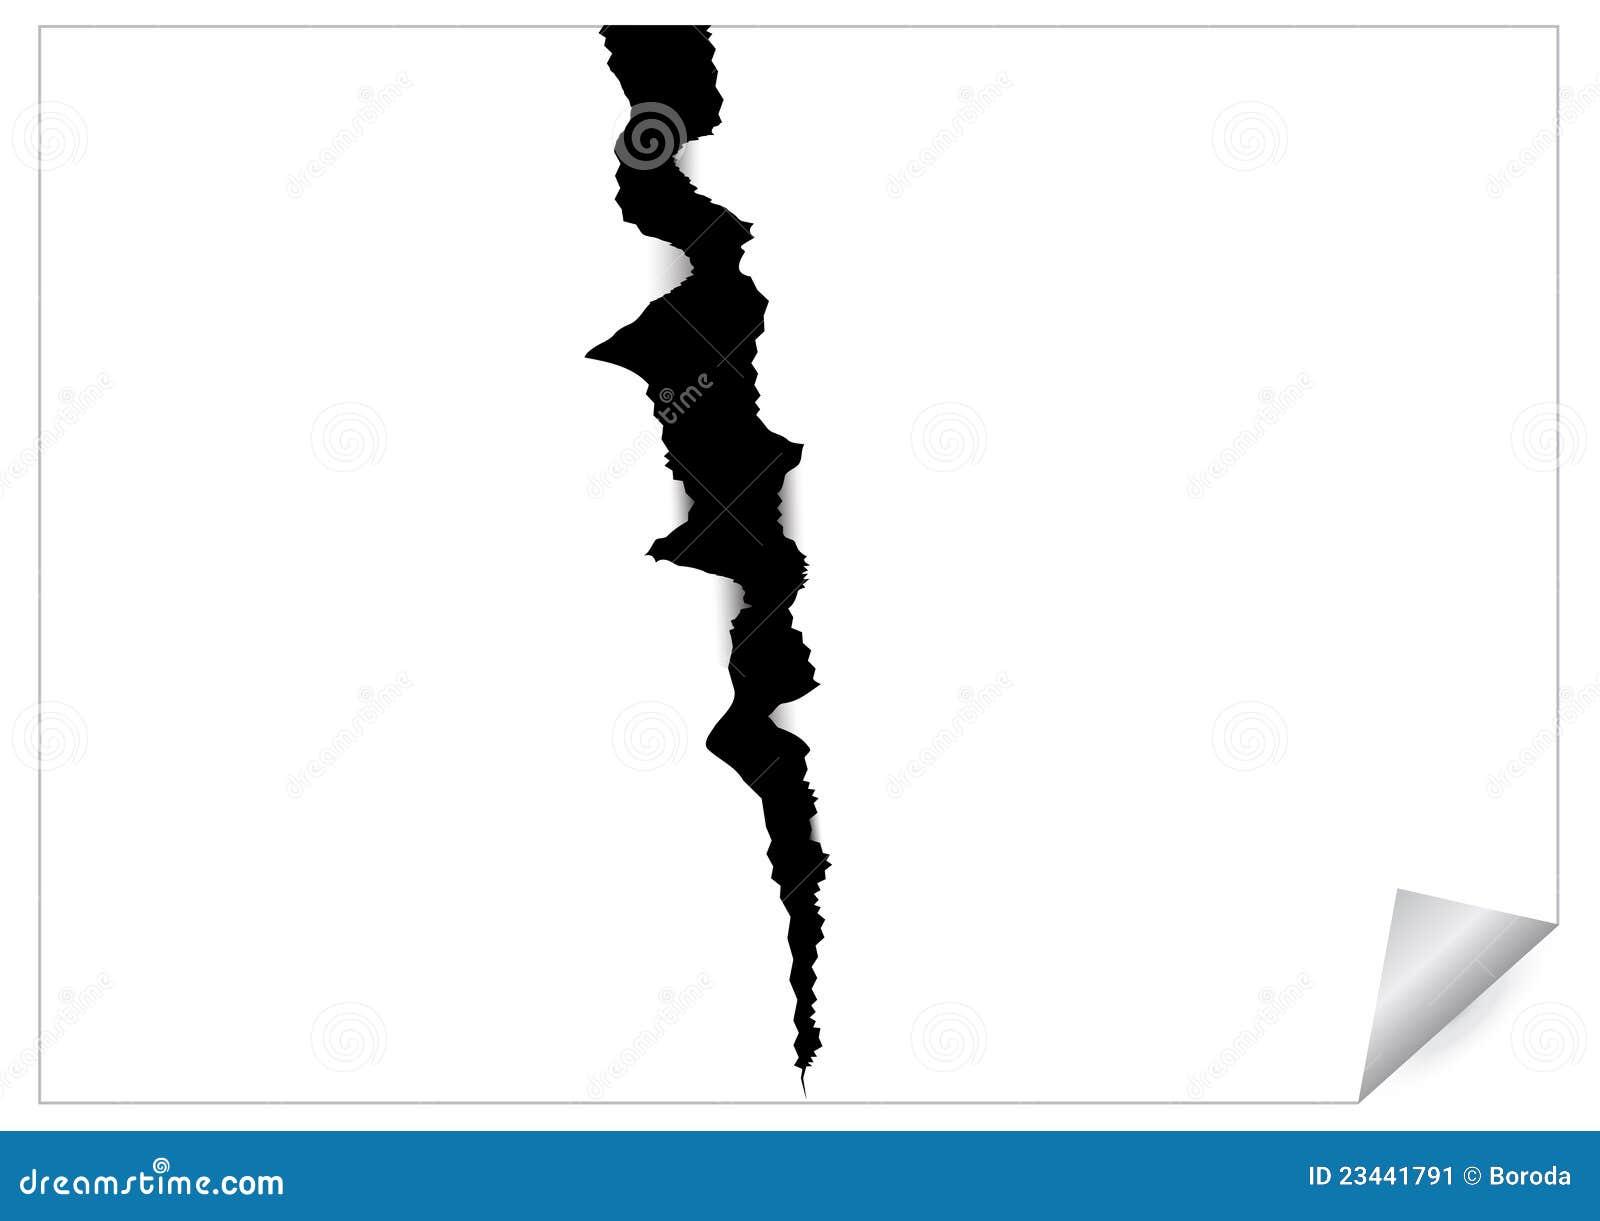 Crack For L.a. Noire - картинка 1